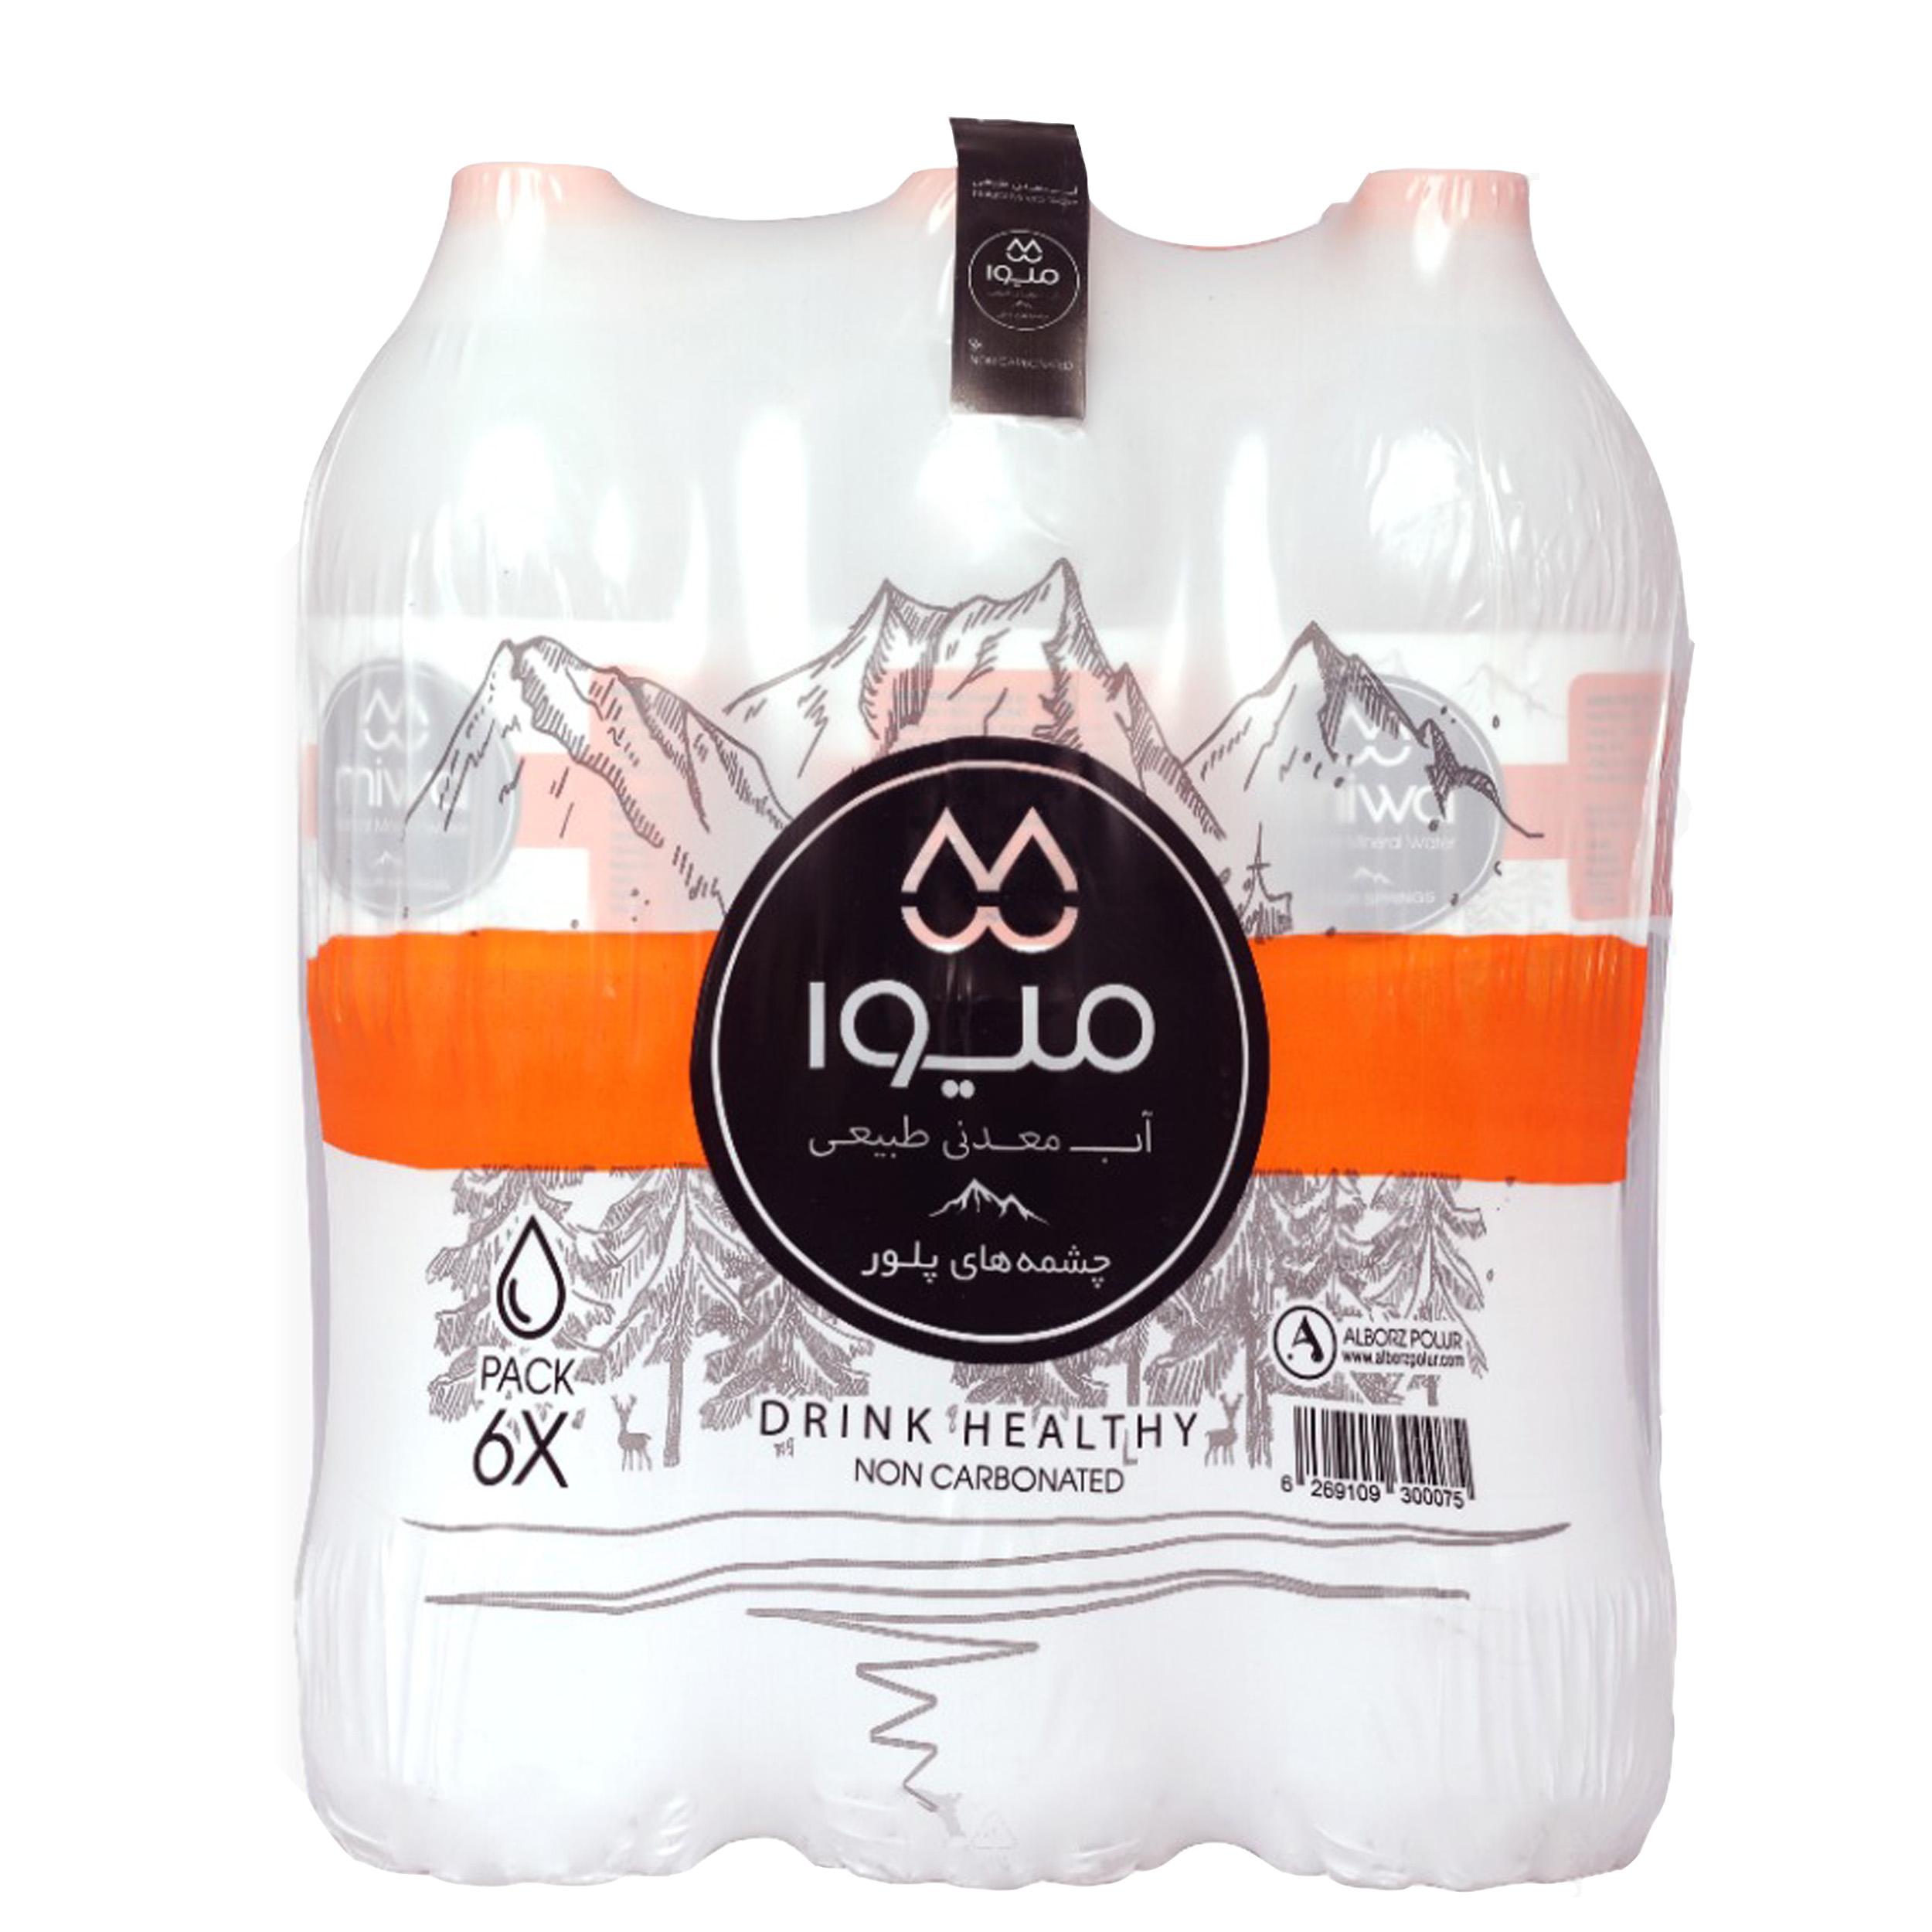 آب معدنی میوا - 1.5 لیتر بسته 6 عددی